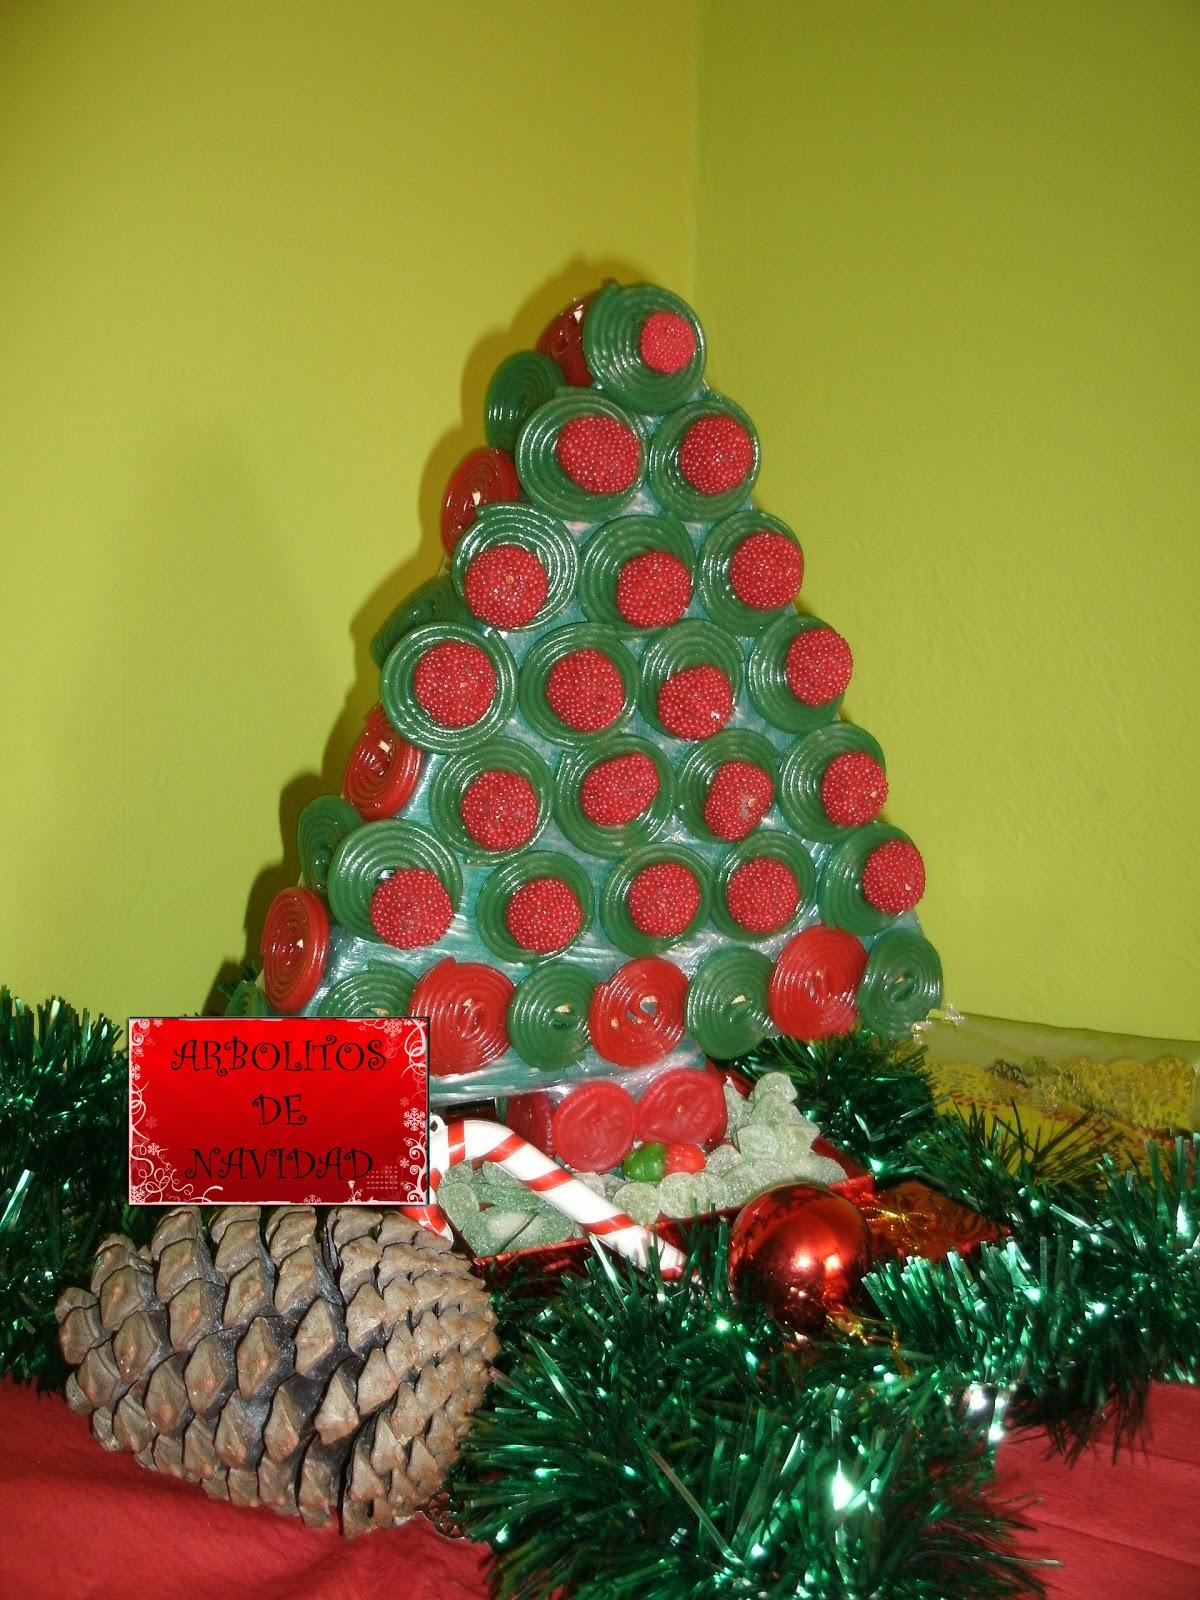 www.azucardecolores.es » Dulces de Navidad. Turrón de chocolate